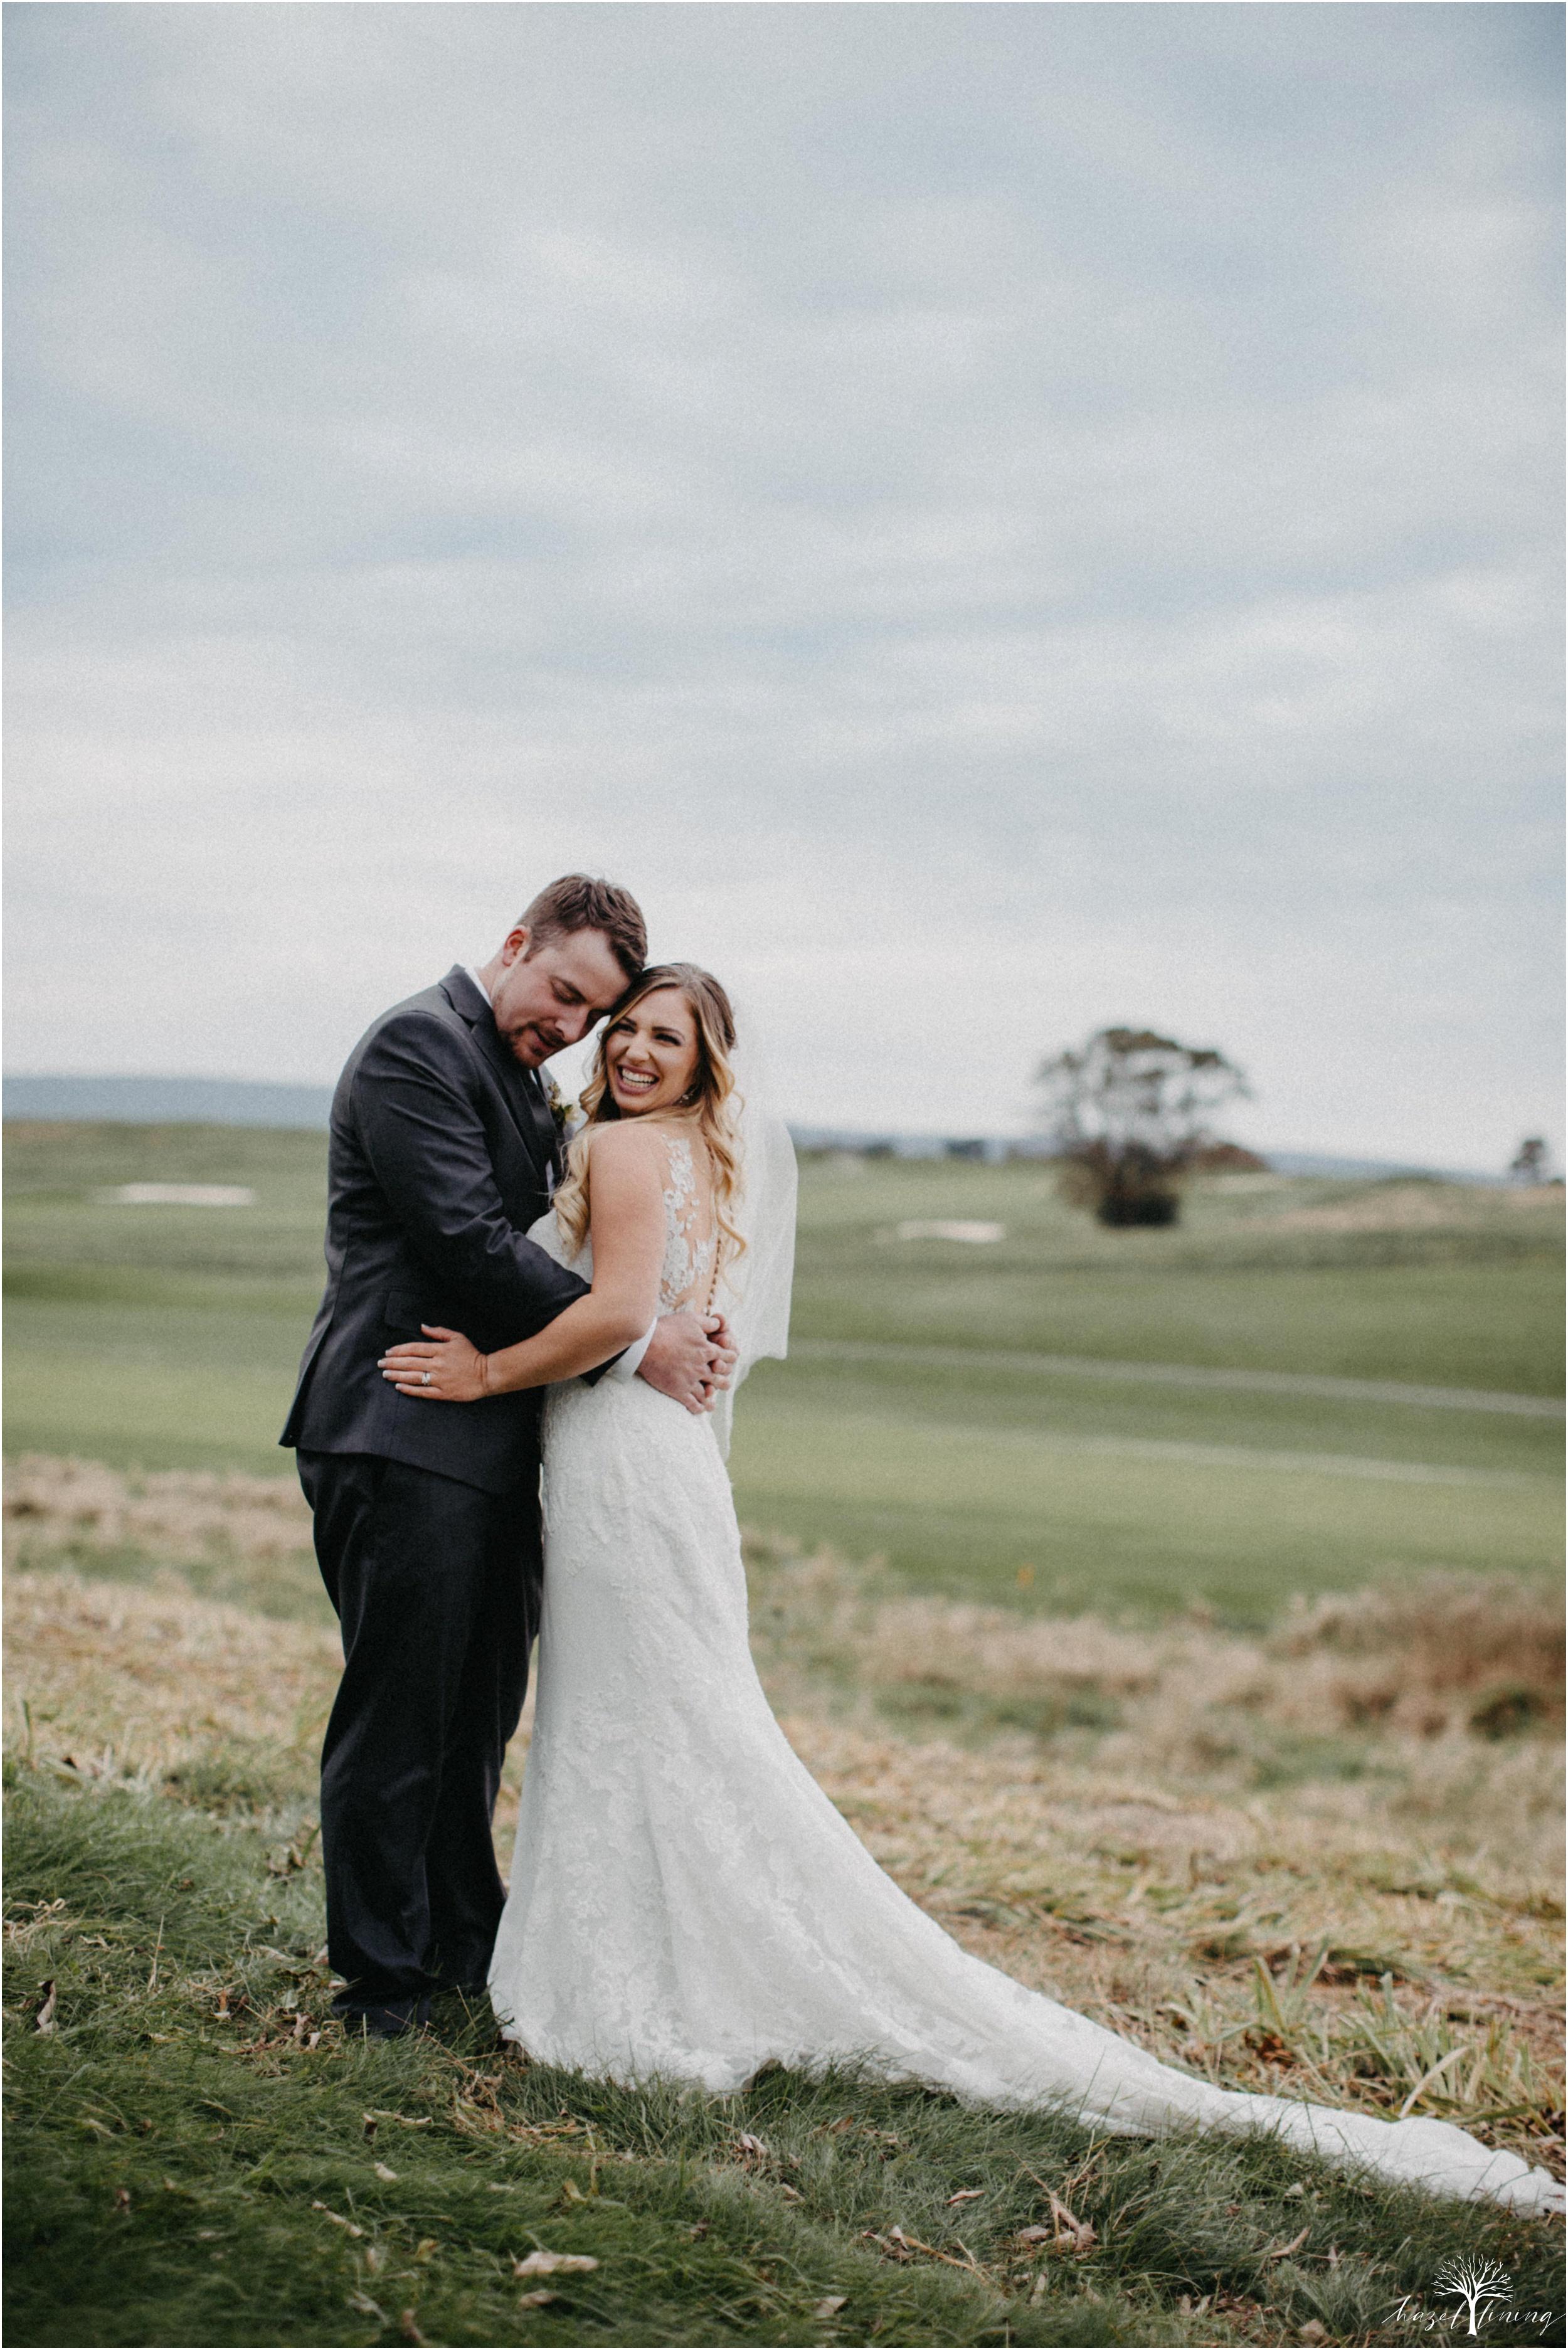 jessie-martin-zach-umlauf-olde-homestead-golfclub-outdoor-autumn-wedding_0119.jpg